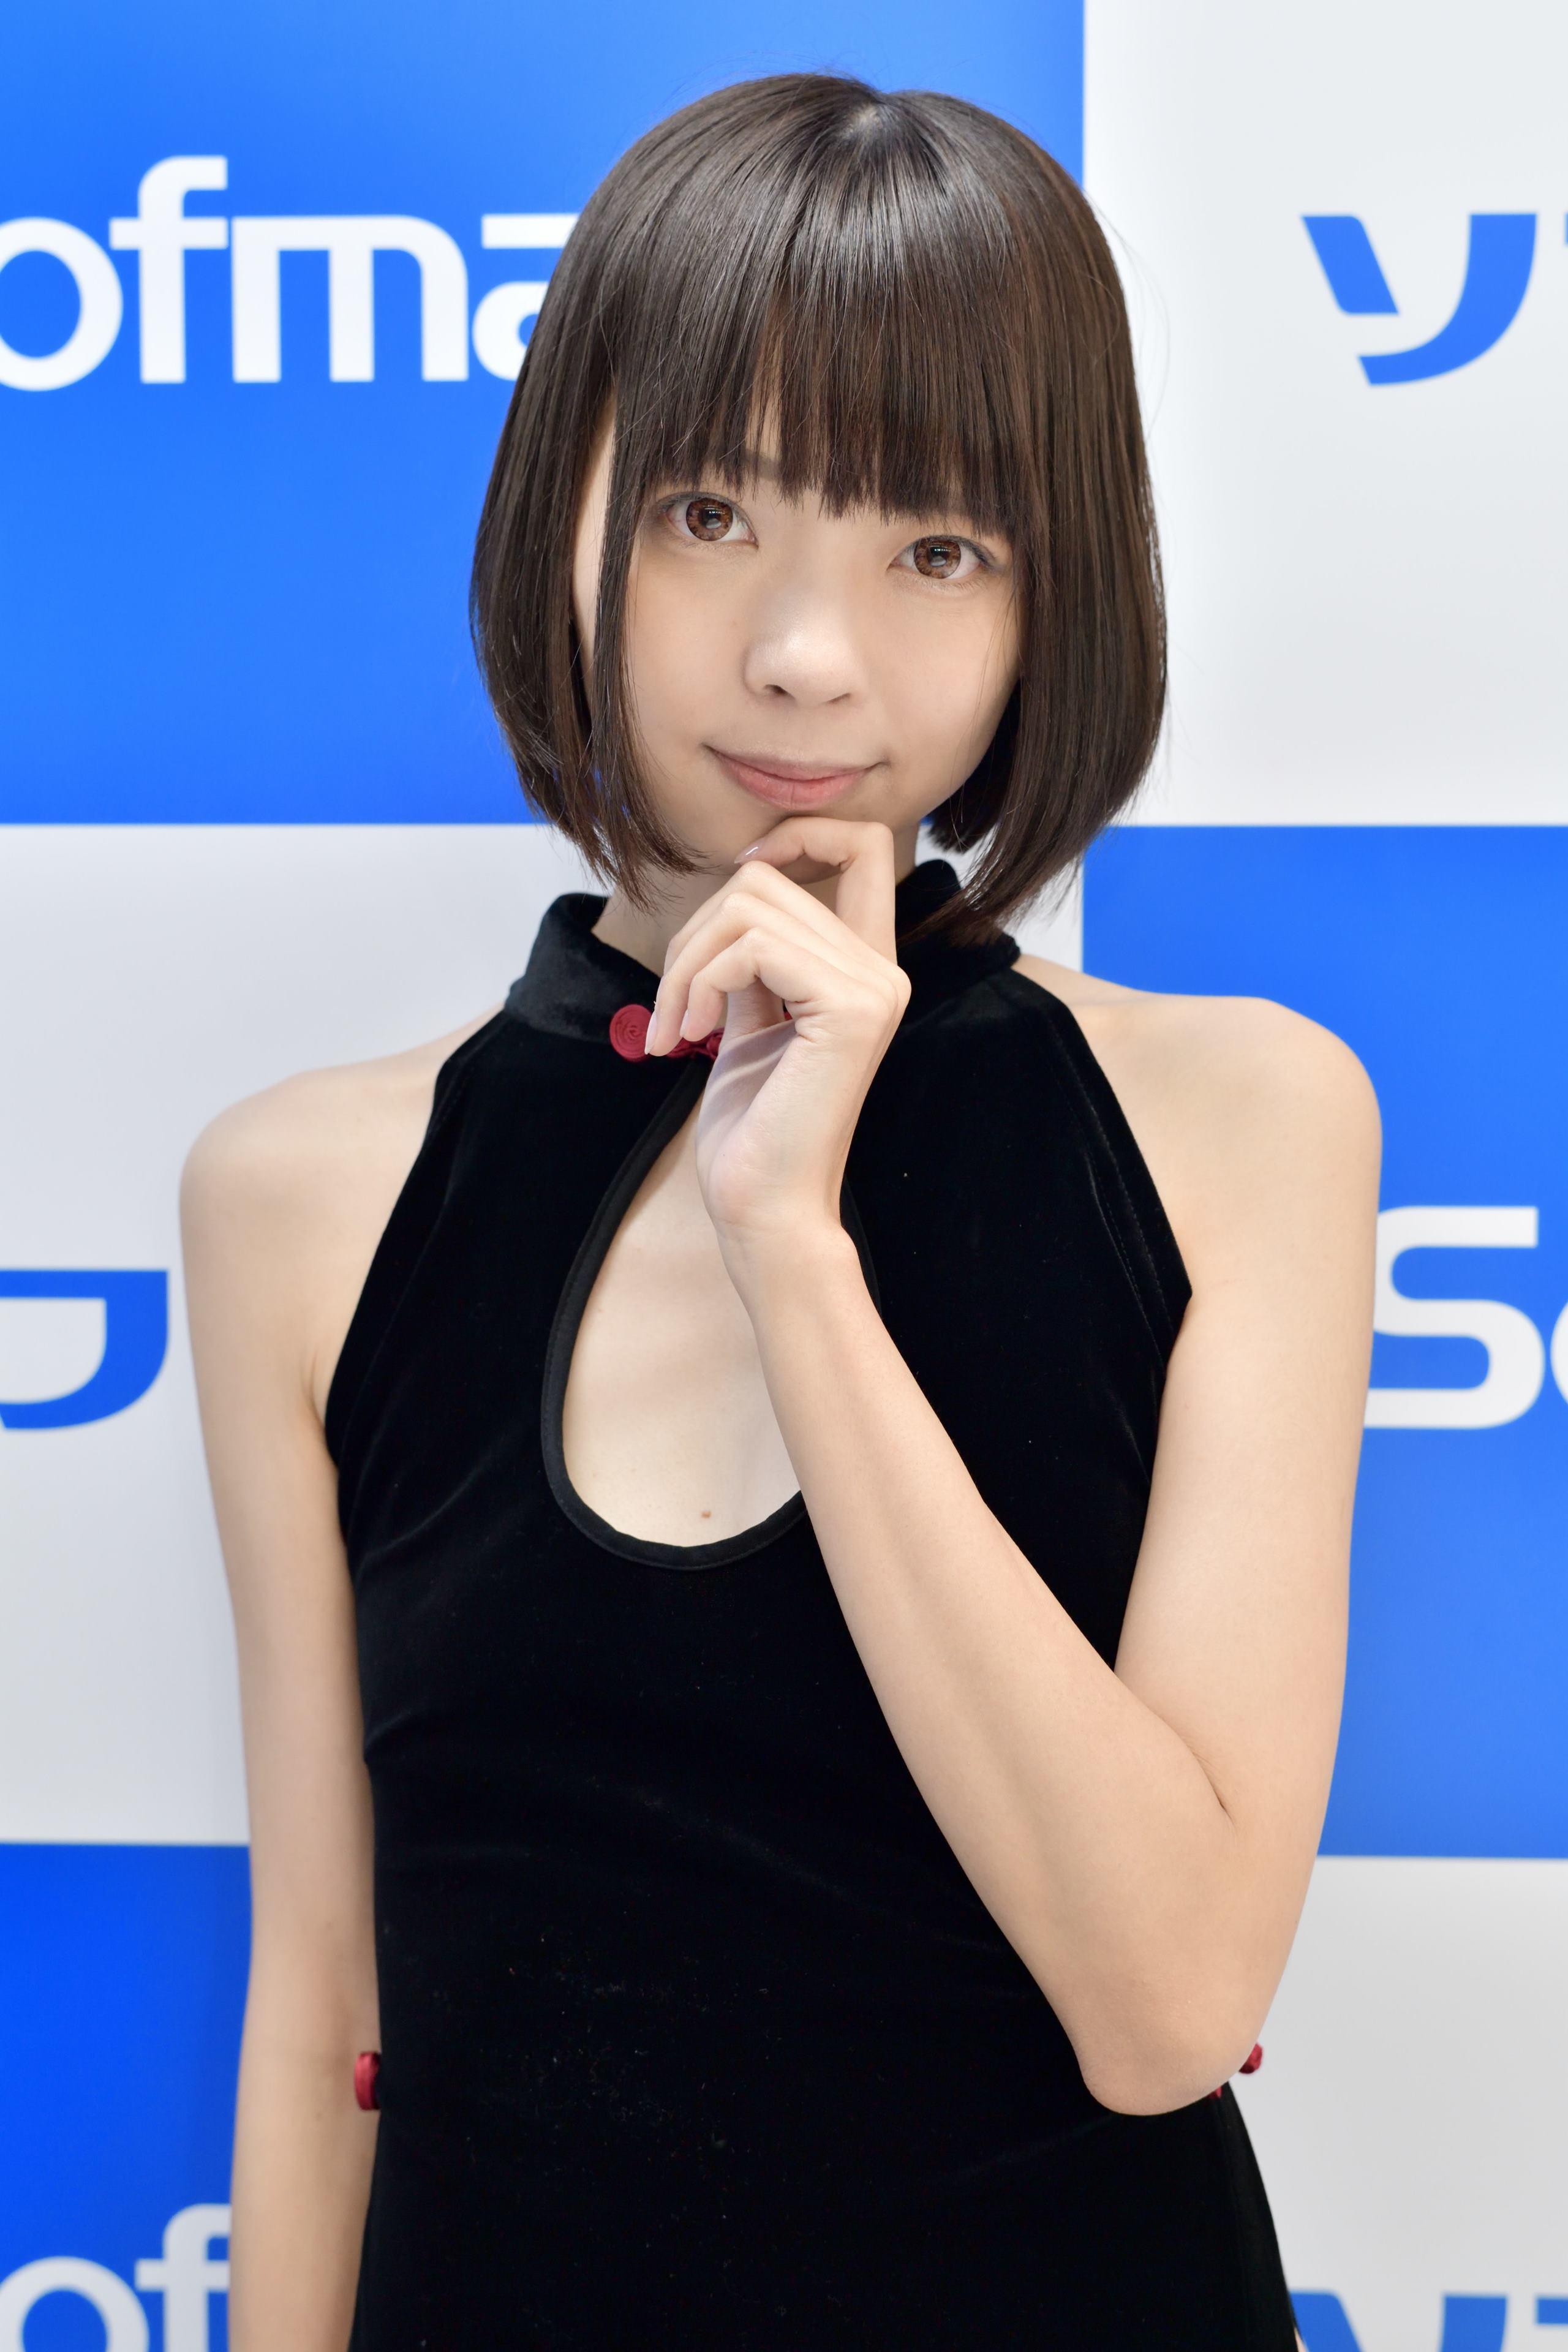 2019年06月14日ソフマップ4号館8階撮影会報告_e0194893_20322381.jpg